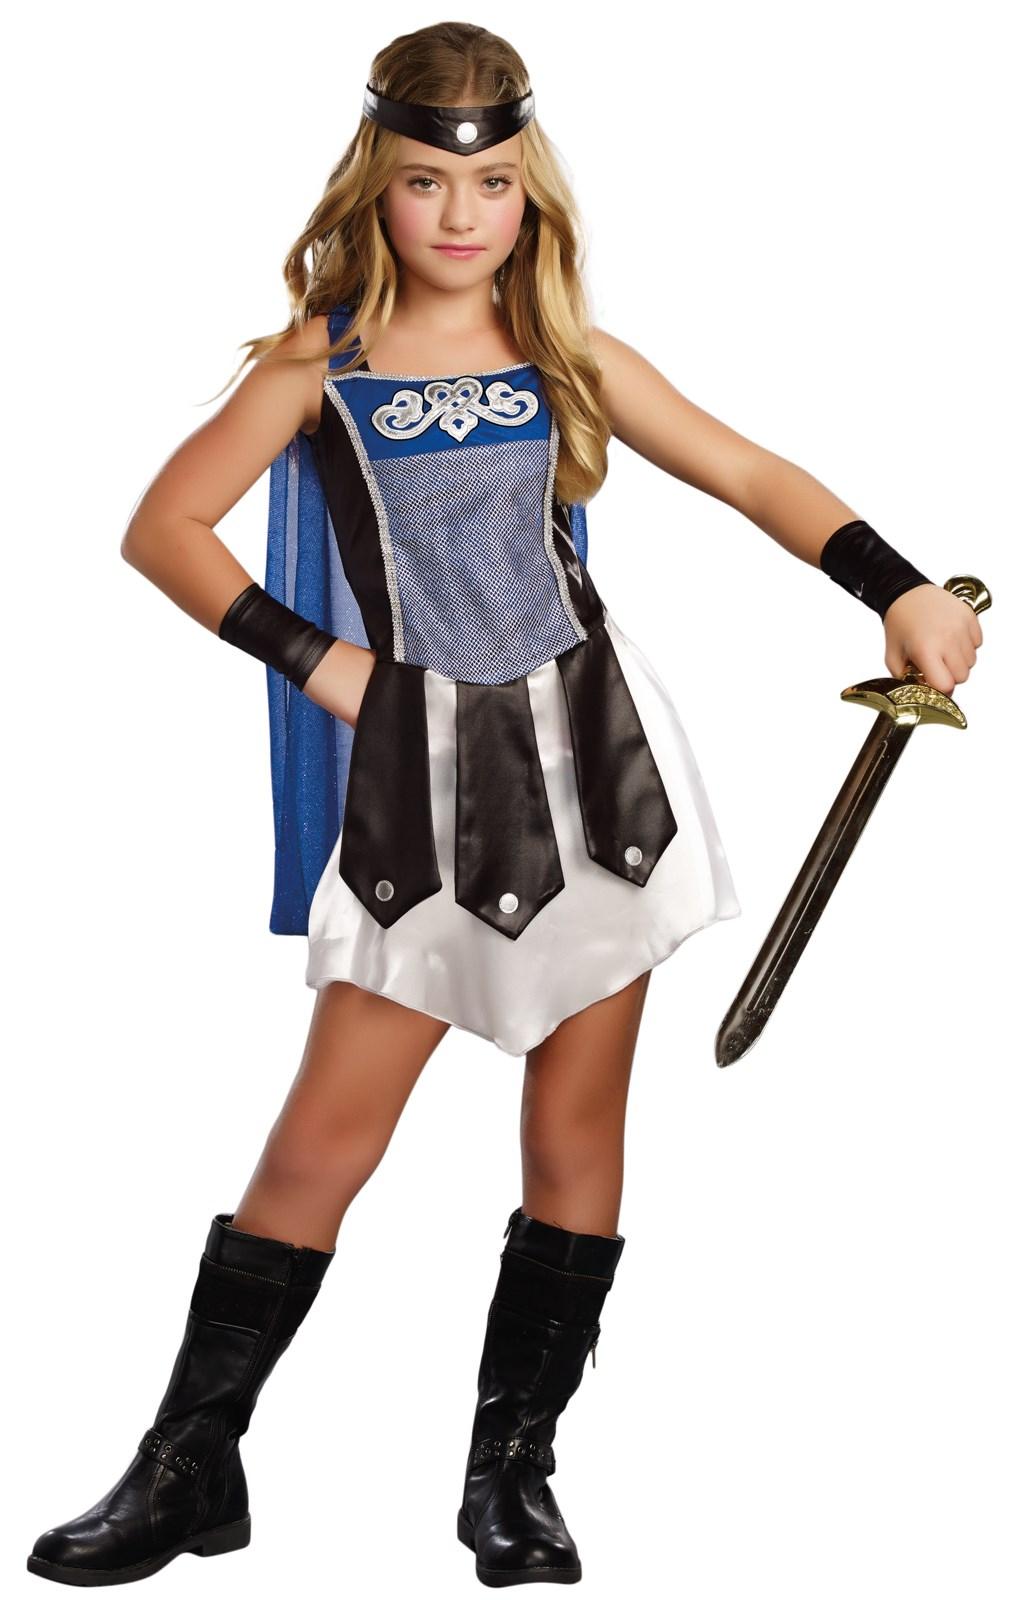 Gladiator Girl Costume For Kids